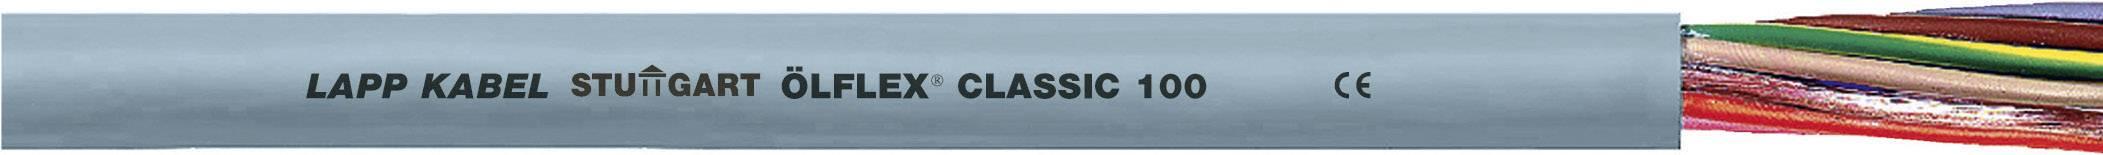 Řídicí kabel LappKabel ÖLFLEX® CLASSIC 100 0010105/100, 3 G 6 mm², vnější Ø 12.60 mm, šedá, 1 m